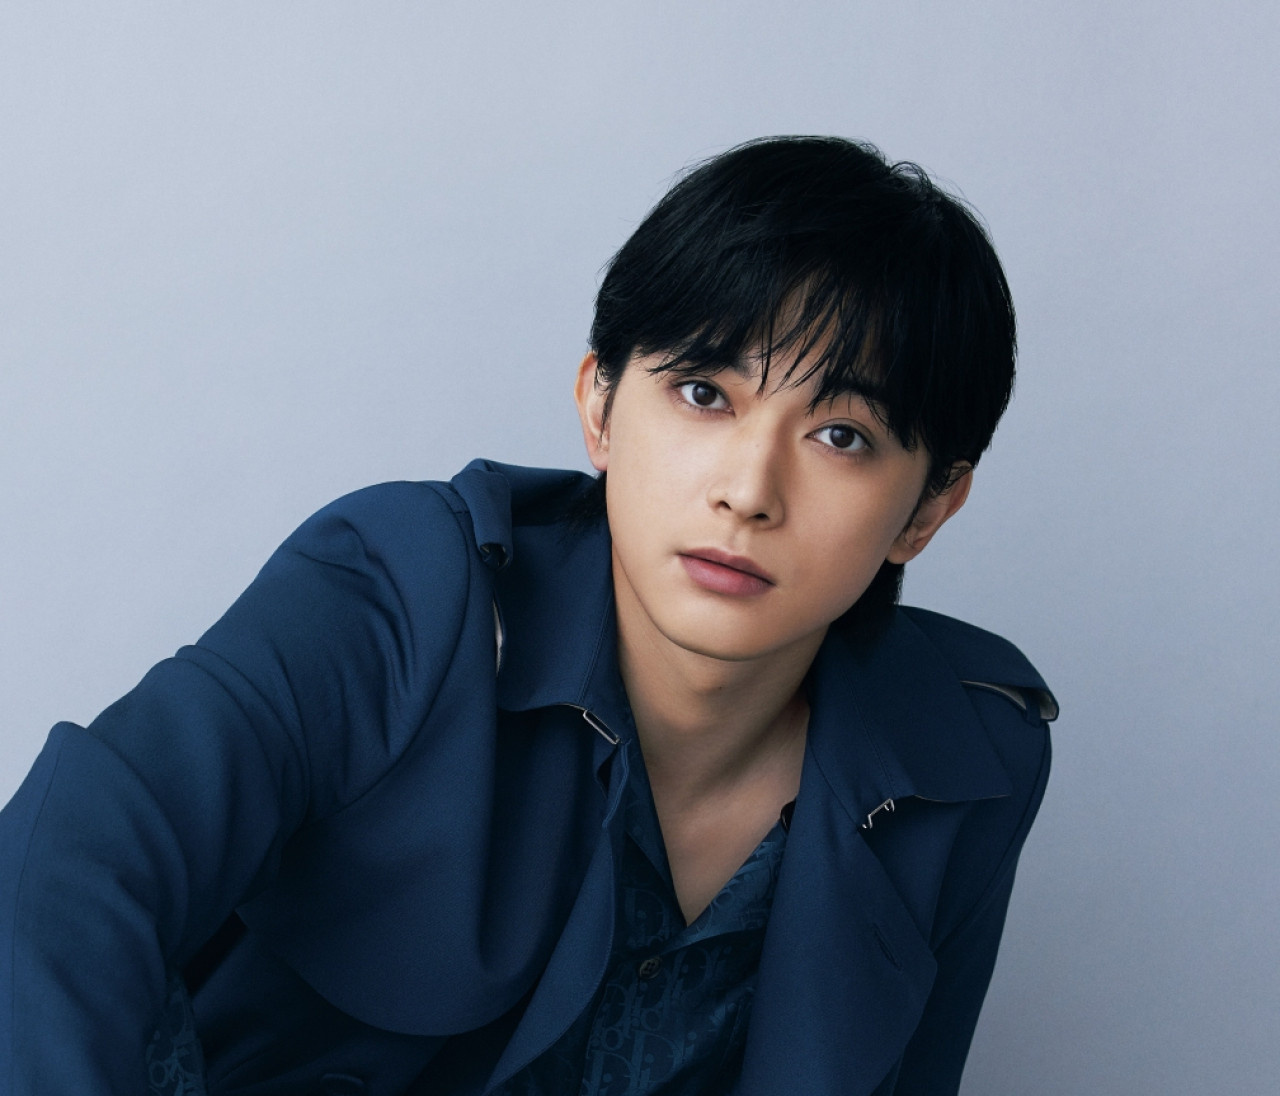 【吉沢 亮スペシャルインタビュー】大河ドラマ「青天を衝け」主演 #吉沢亮 が熱い思いを語る!